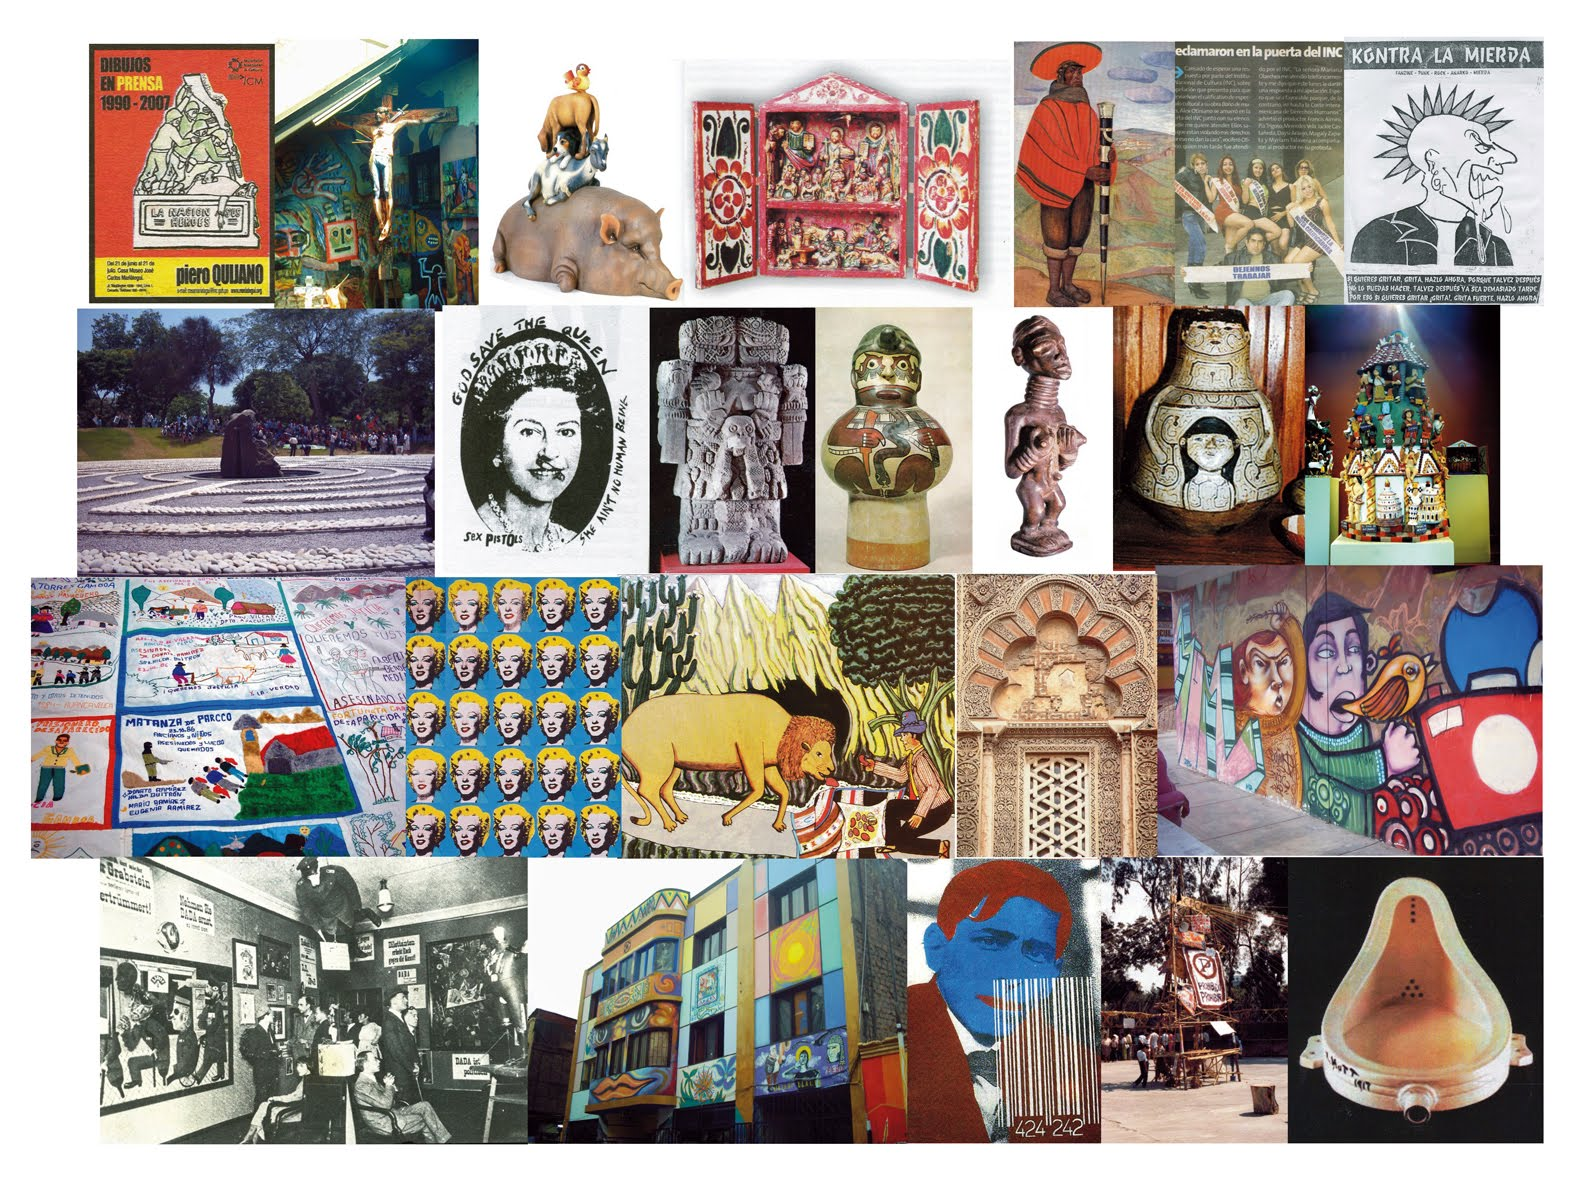 El Arte De Las Culturas Formativas De Mesoamérica: CONTROVERSIARTE: AGENDA PENDIENTE DEL ARTE Y LA